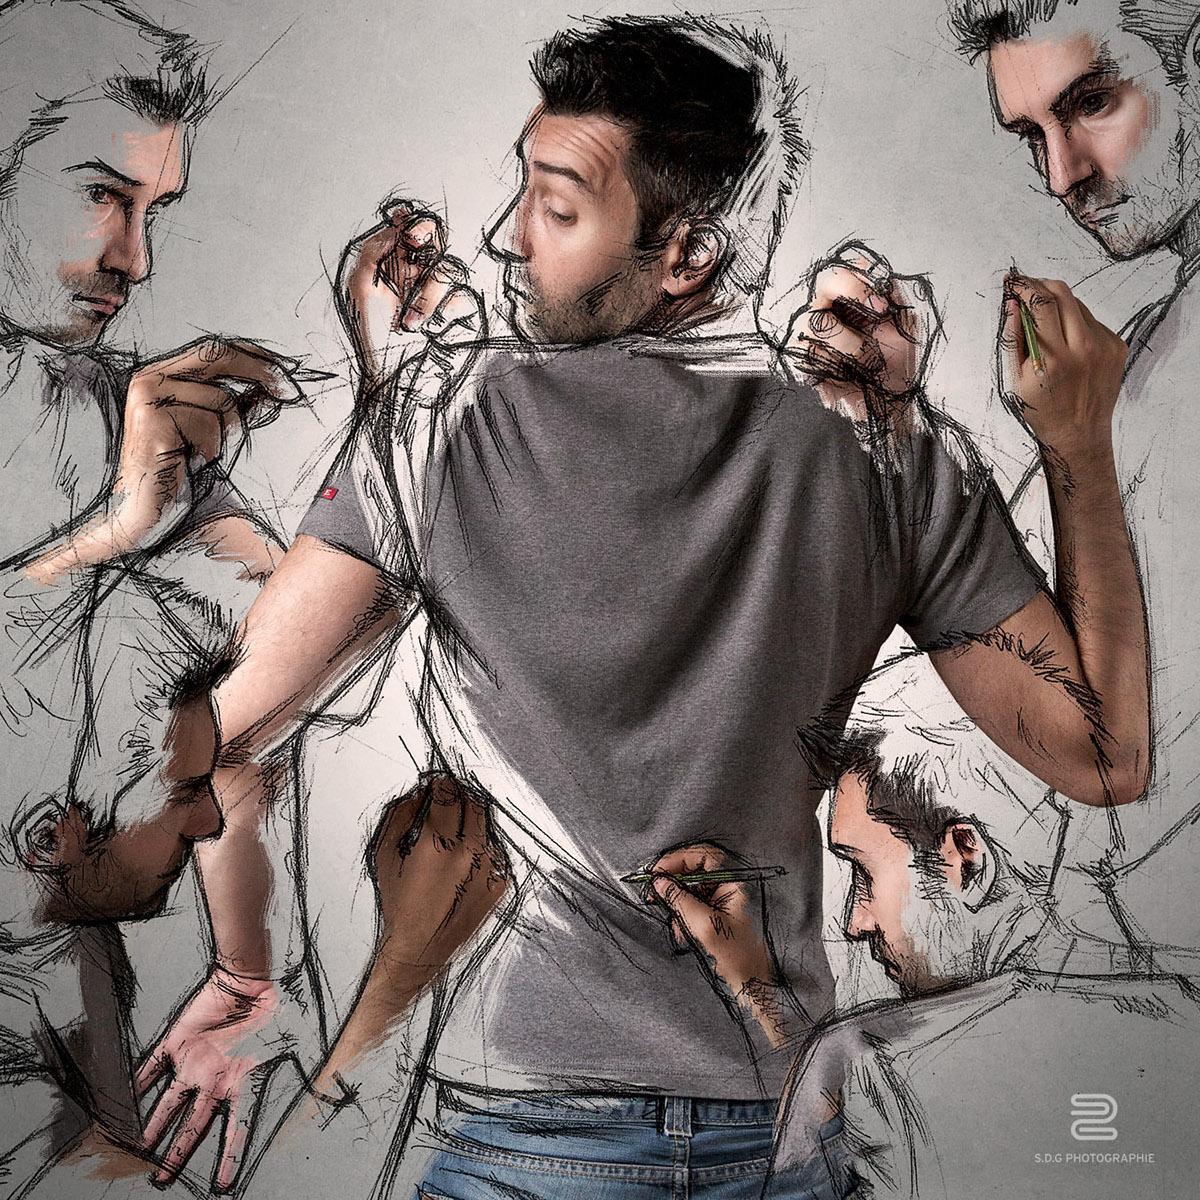 创意摄影后期 当素描与摄影碰撞后 时尚图库 第11张